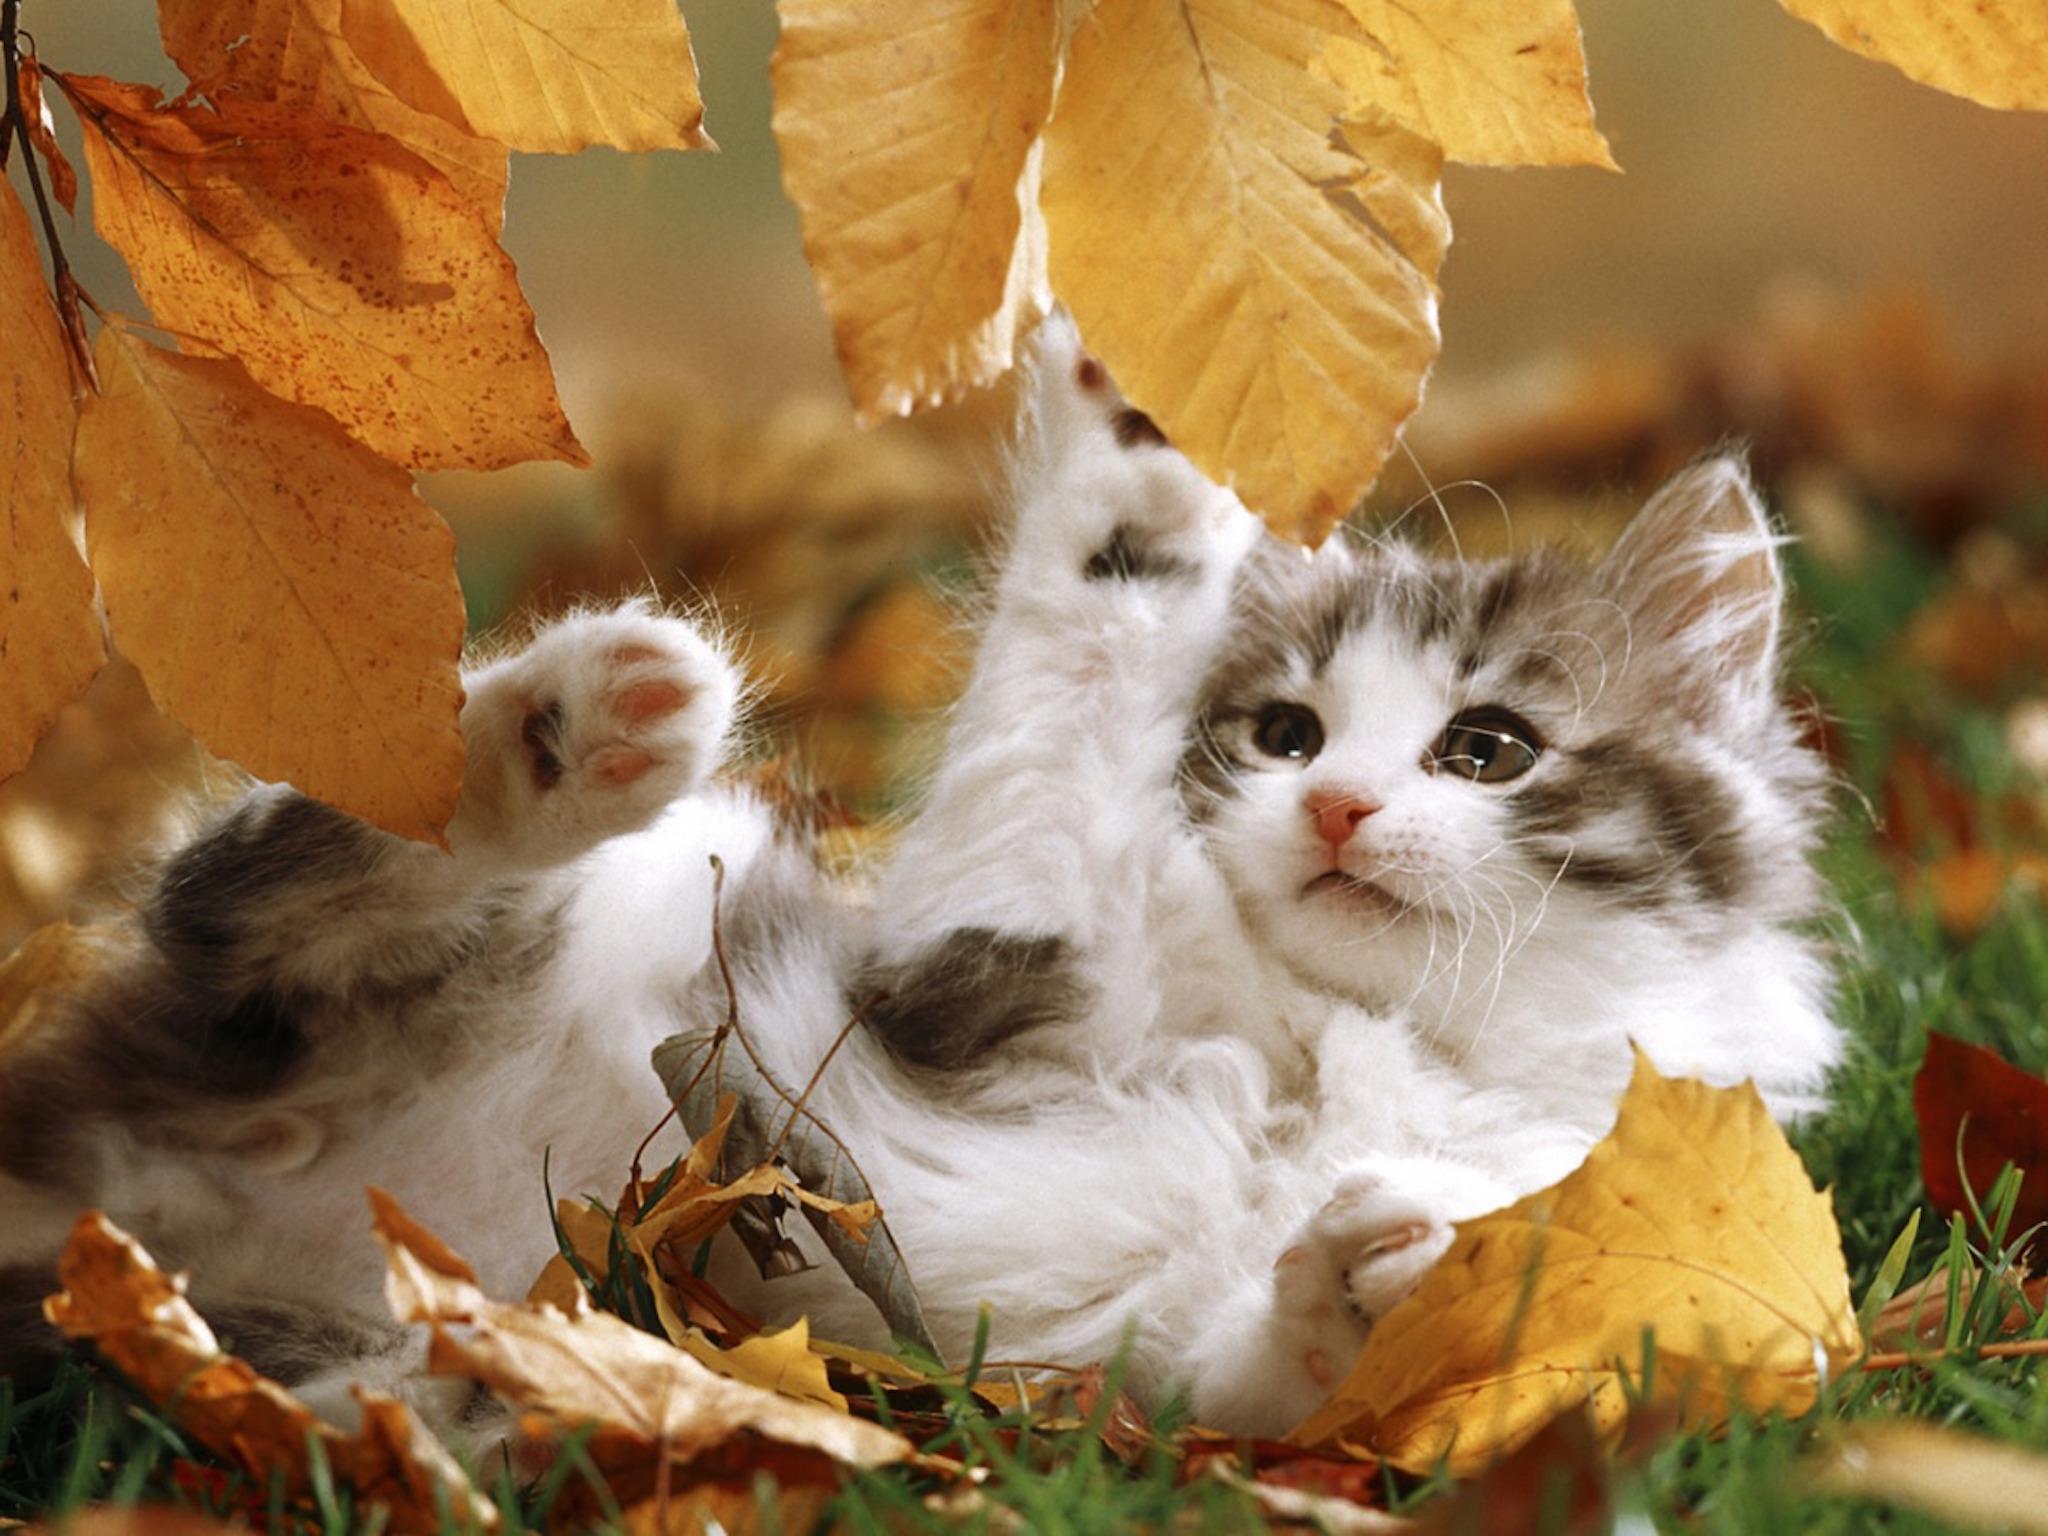 Cute Christmas Owl Desktop Wallpaper Autumn Kitten Playing Wallpaper Free Hd Cat Images